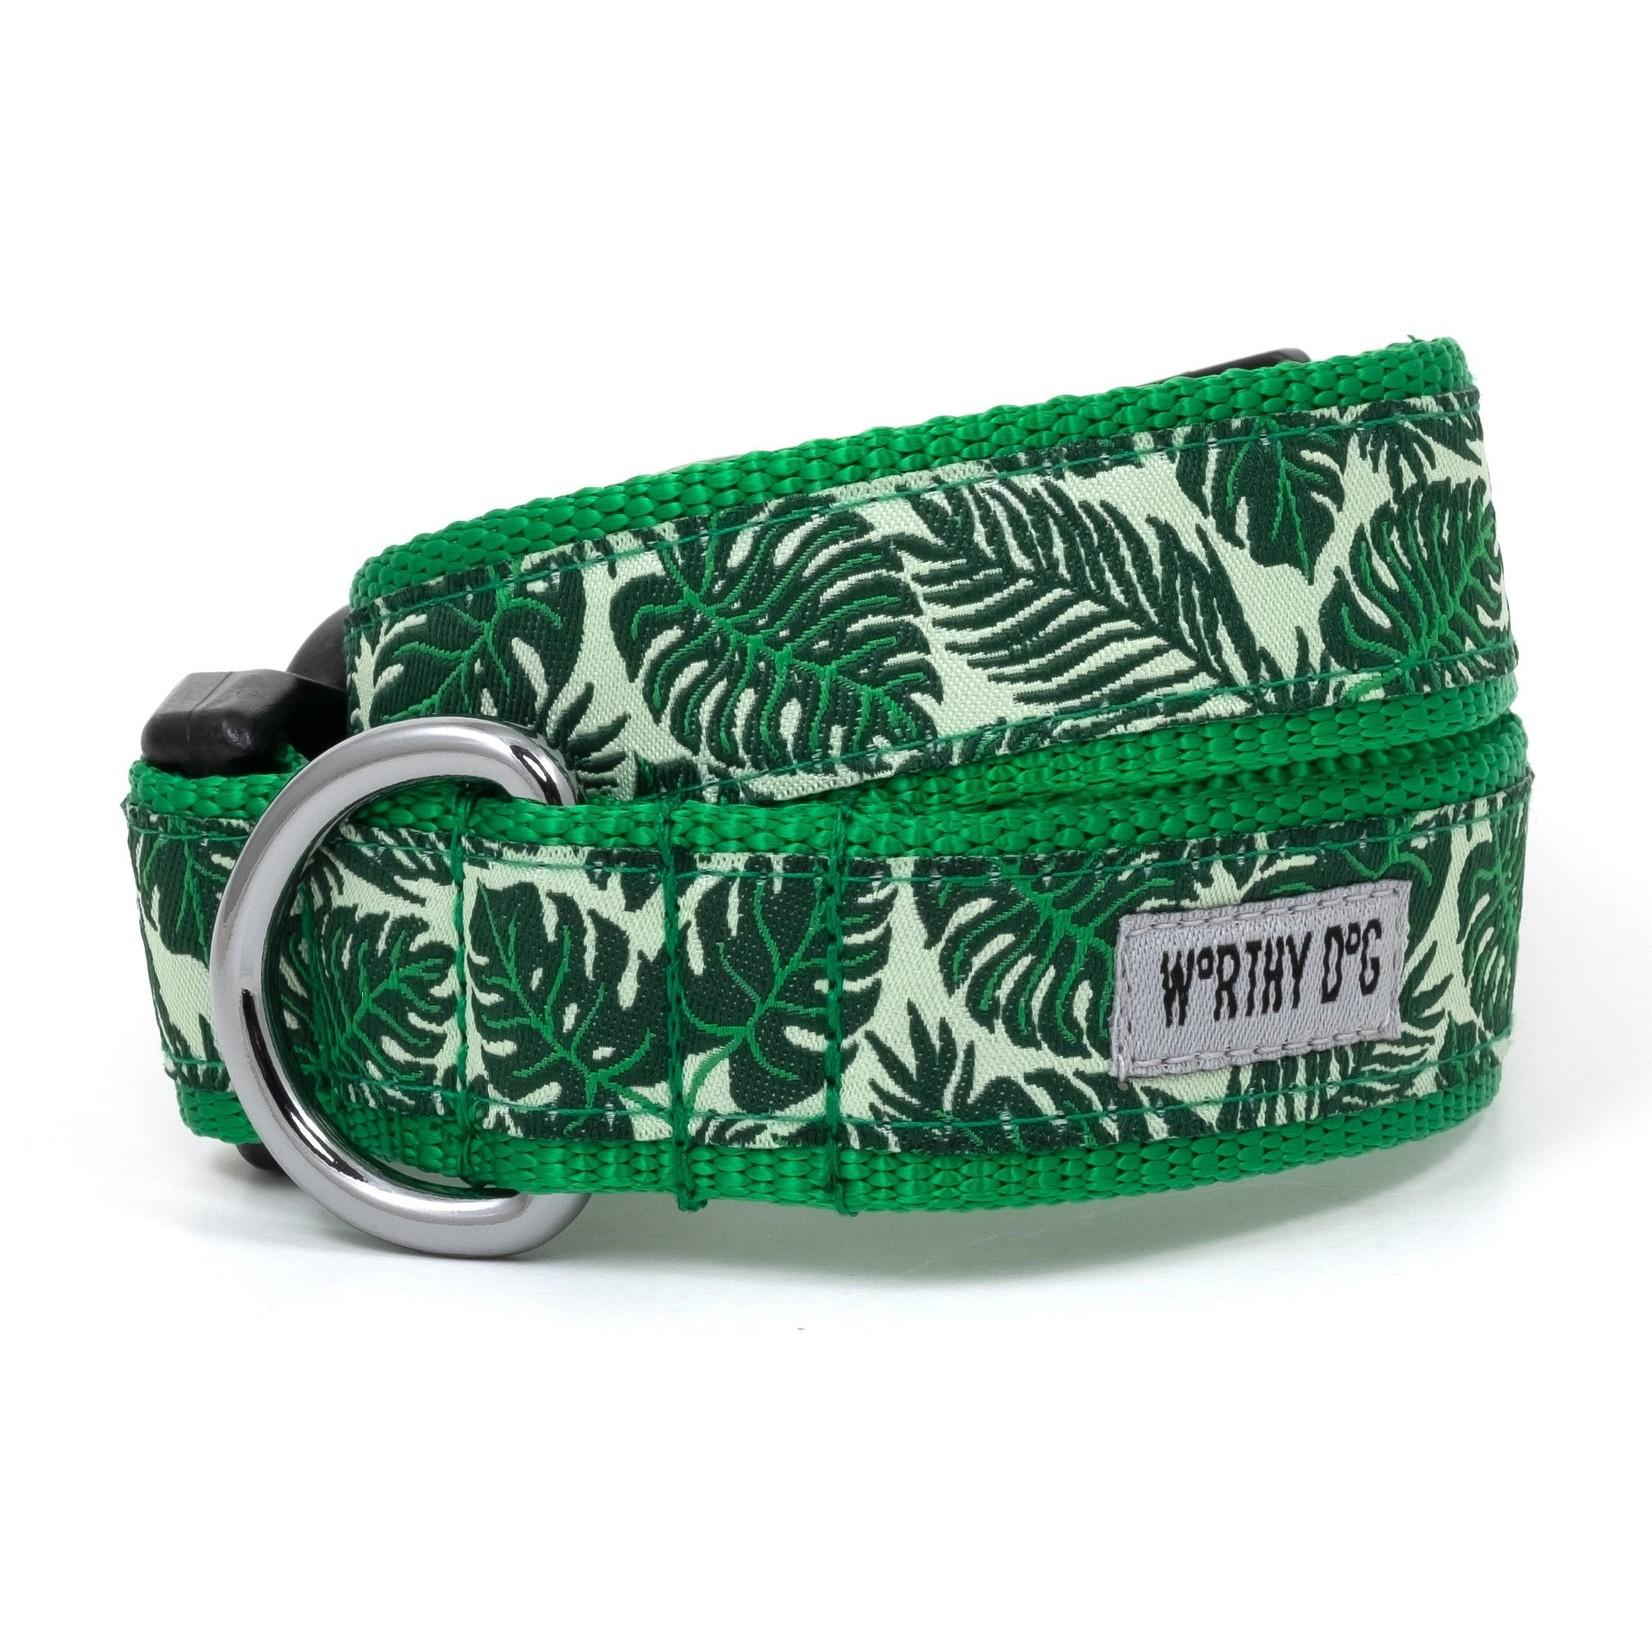 Worthy Dog The Worthy Dog Dog Collar Tropical Leaves